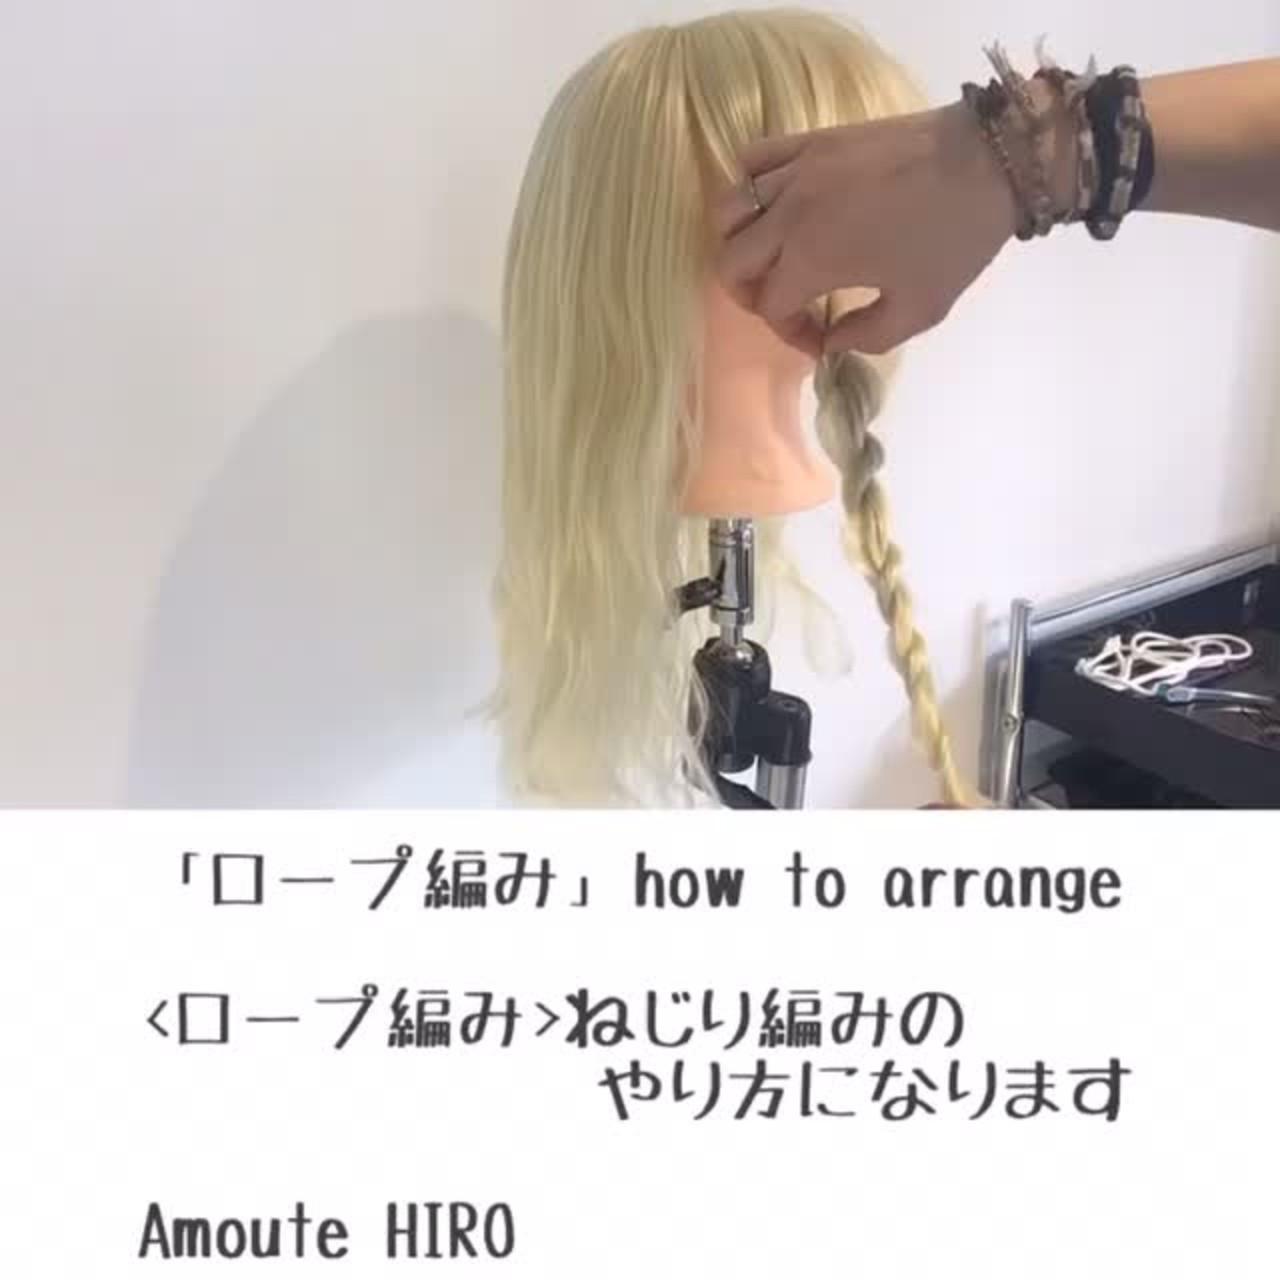 自分の髪型を大変身!簡単にできちゃう可愛いヘアアレンジ方法♡ HIRO